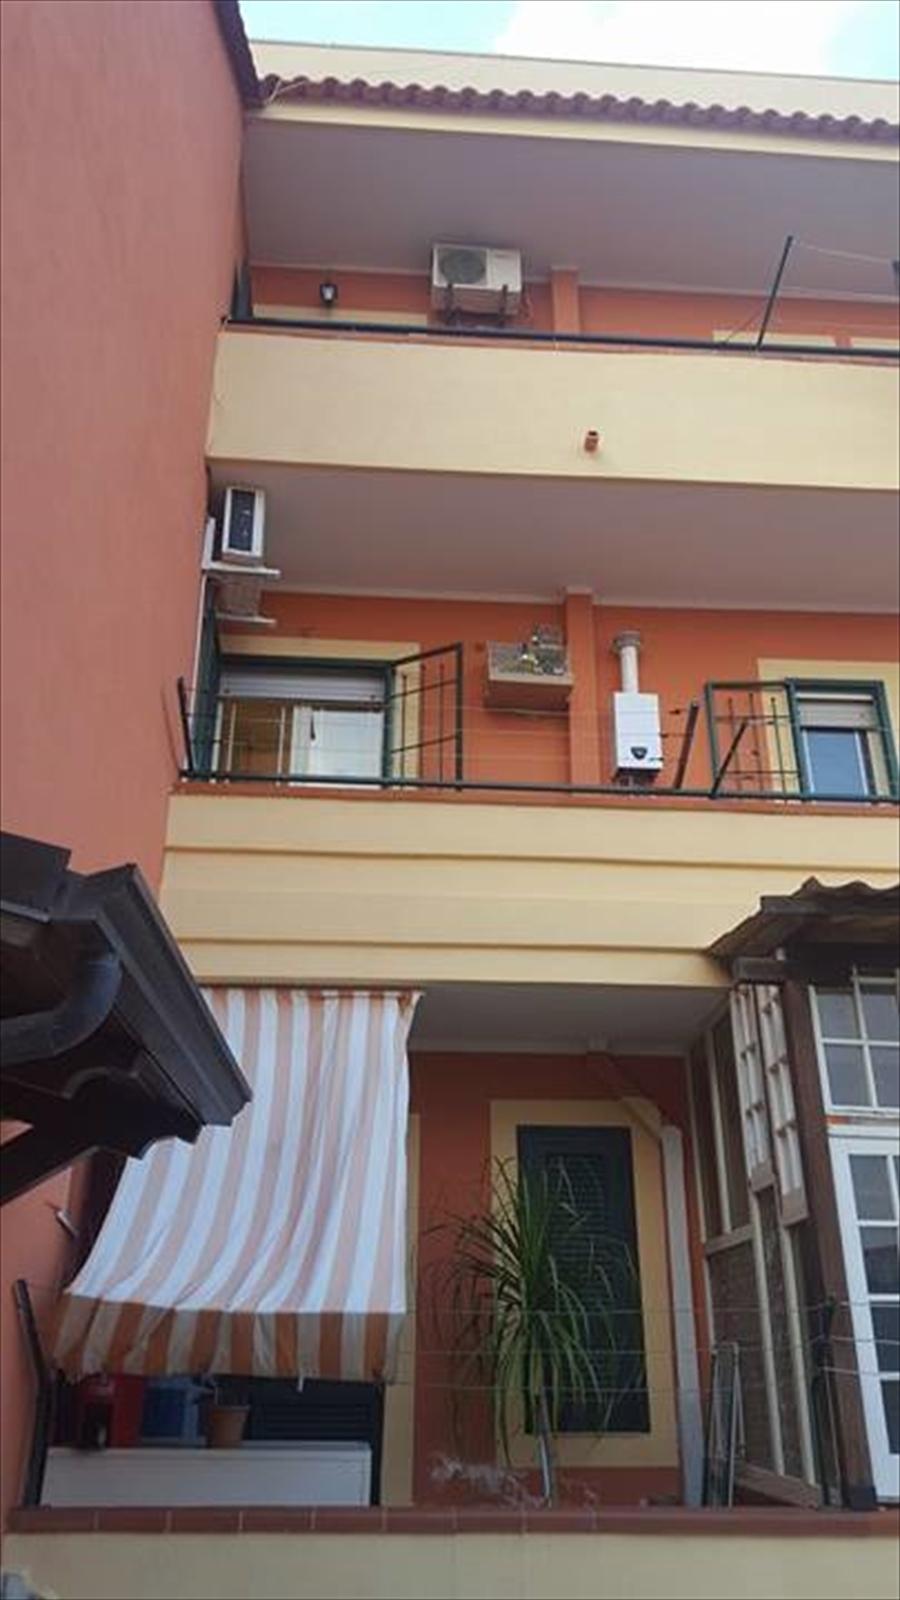 Palazzo / Stabile in vendita a Giugliano in Campania, 5 locali, prezzo € 340.000 | Cambio Casa.it